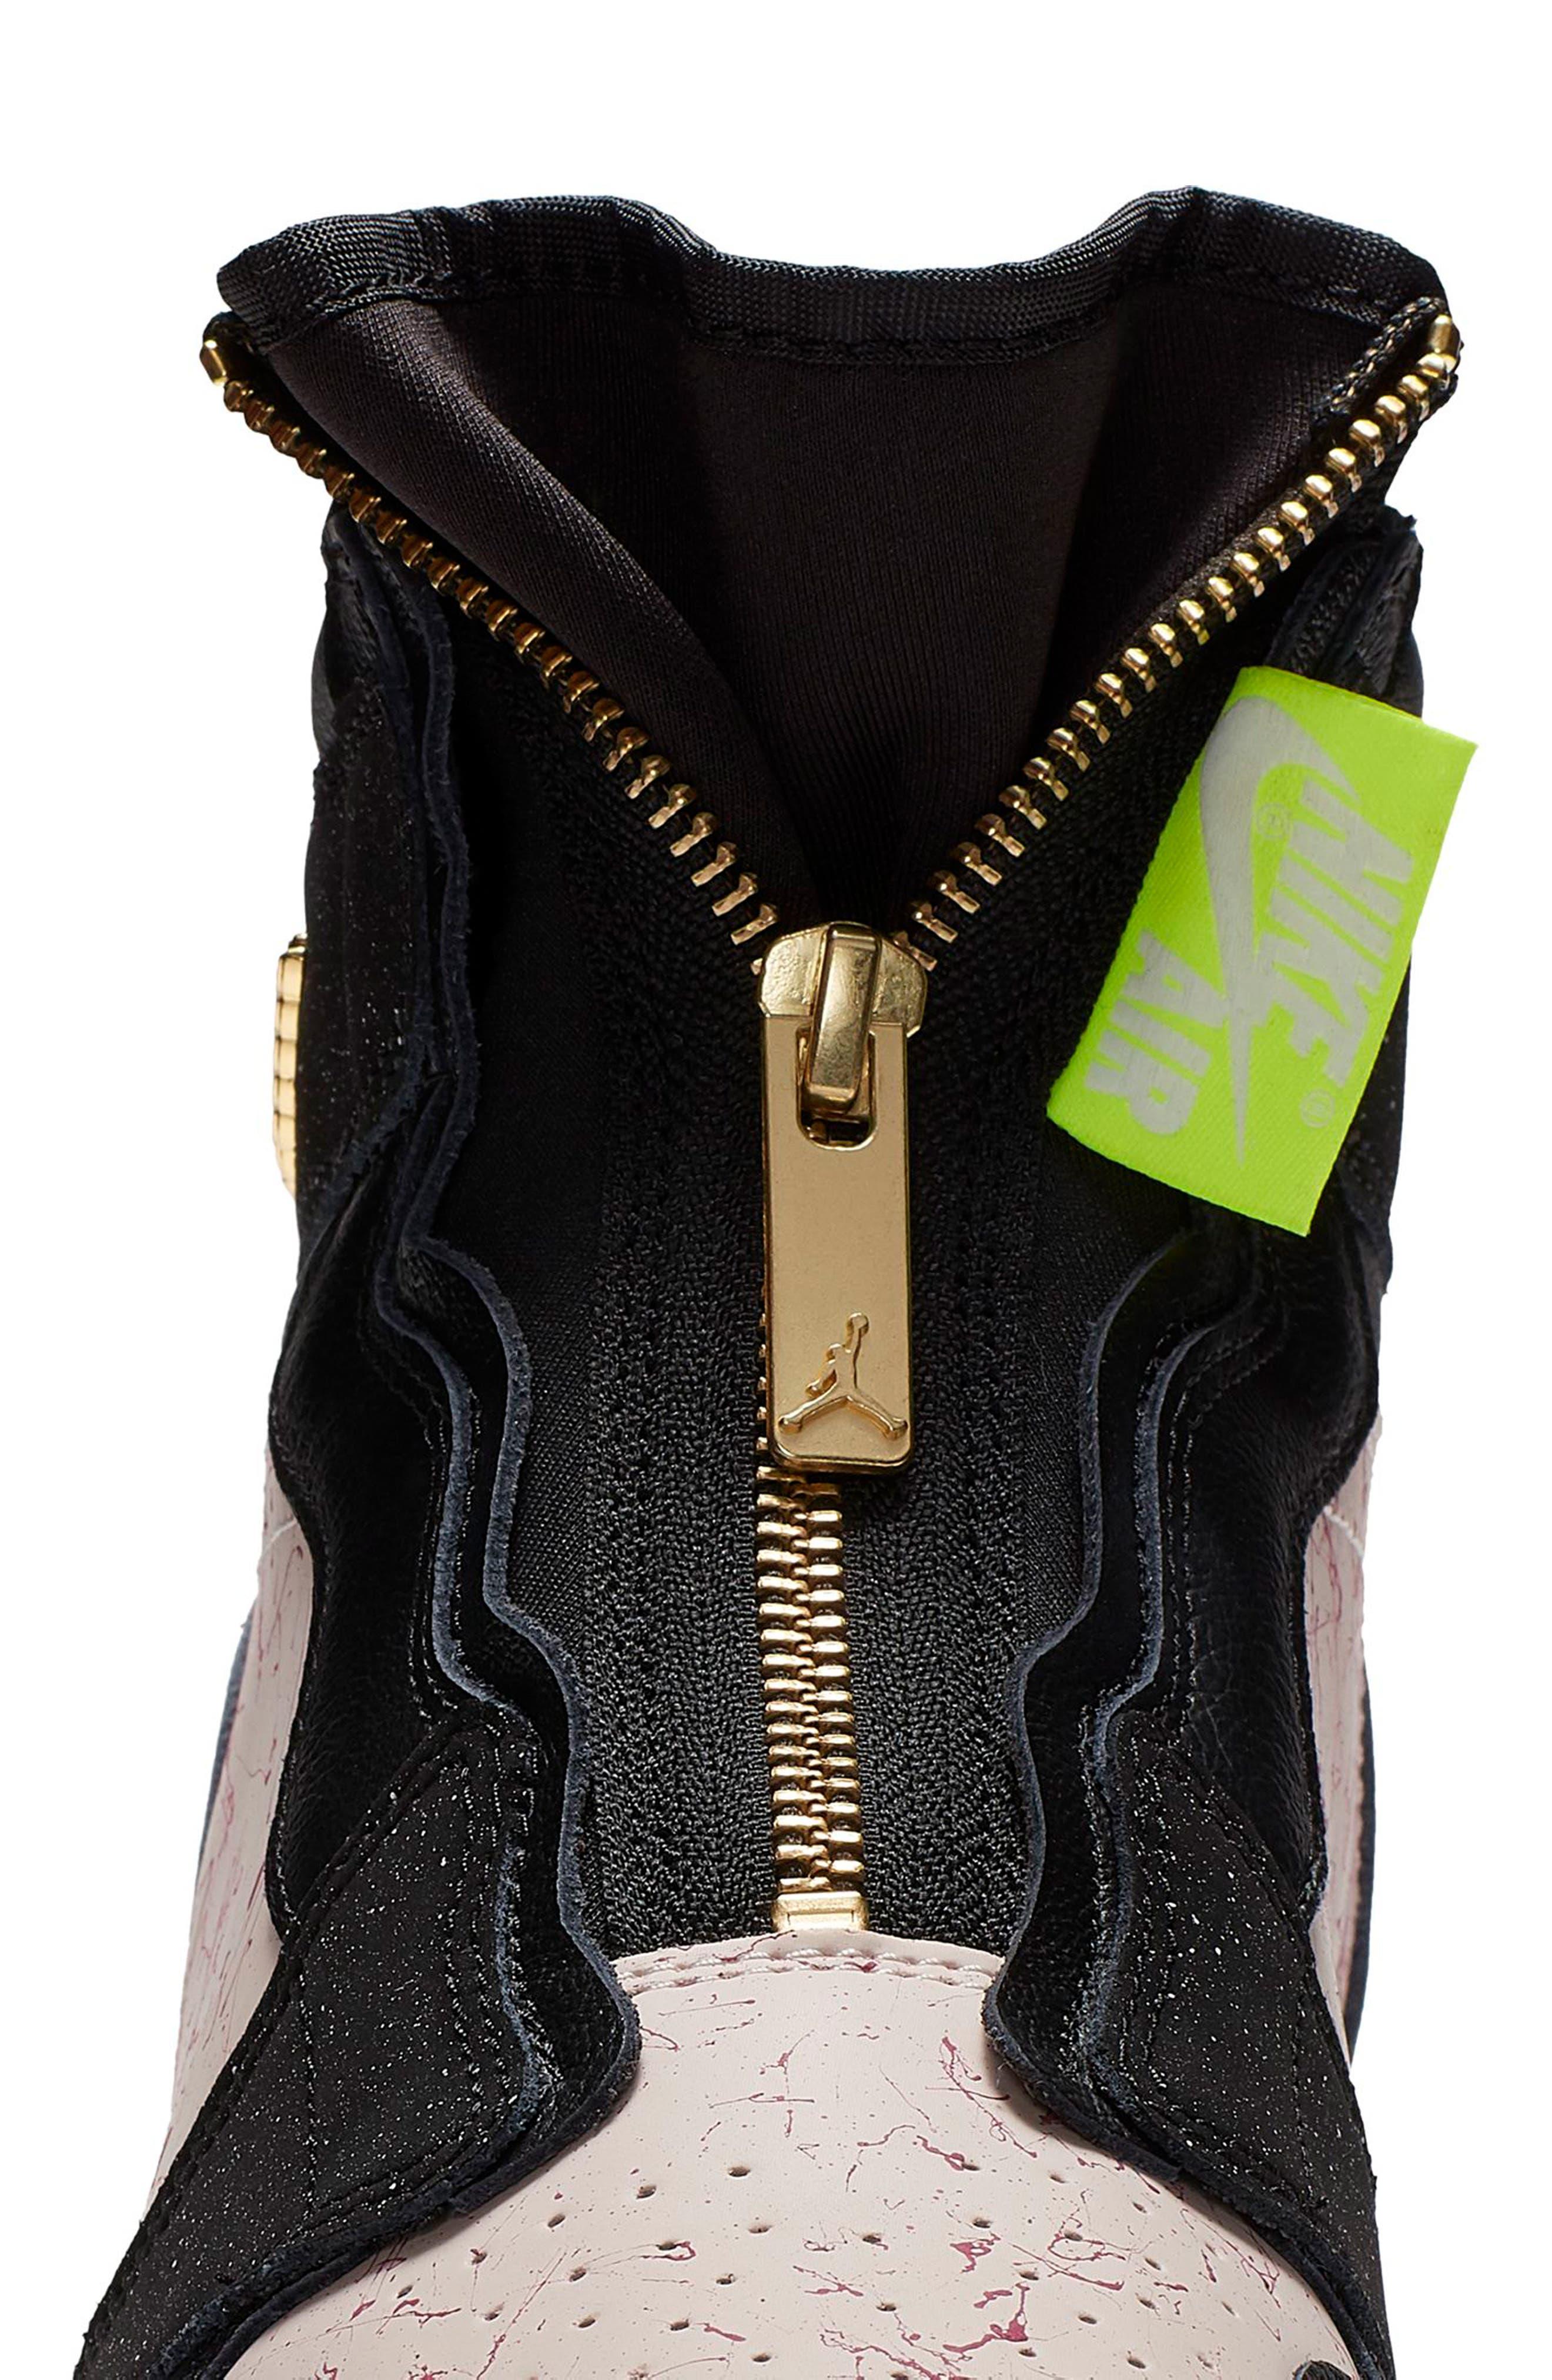 NIKE, Air Jordan 1 Zip High Top Sneakers, Alternate thumbnail 4, color, BLACK/ GOLD/ PHANTOM/ RED